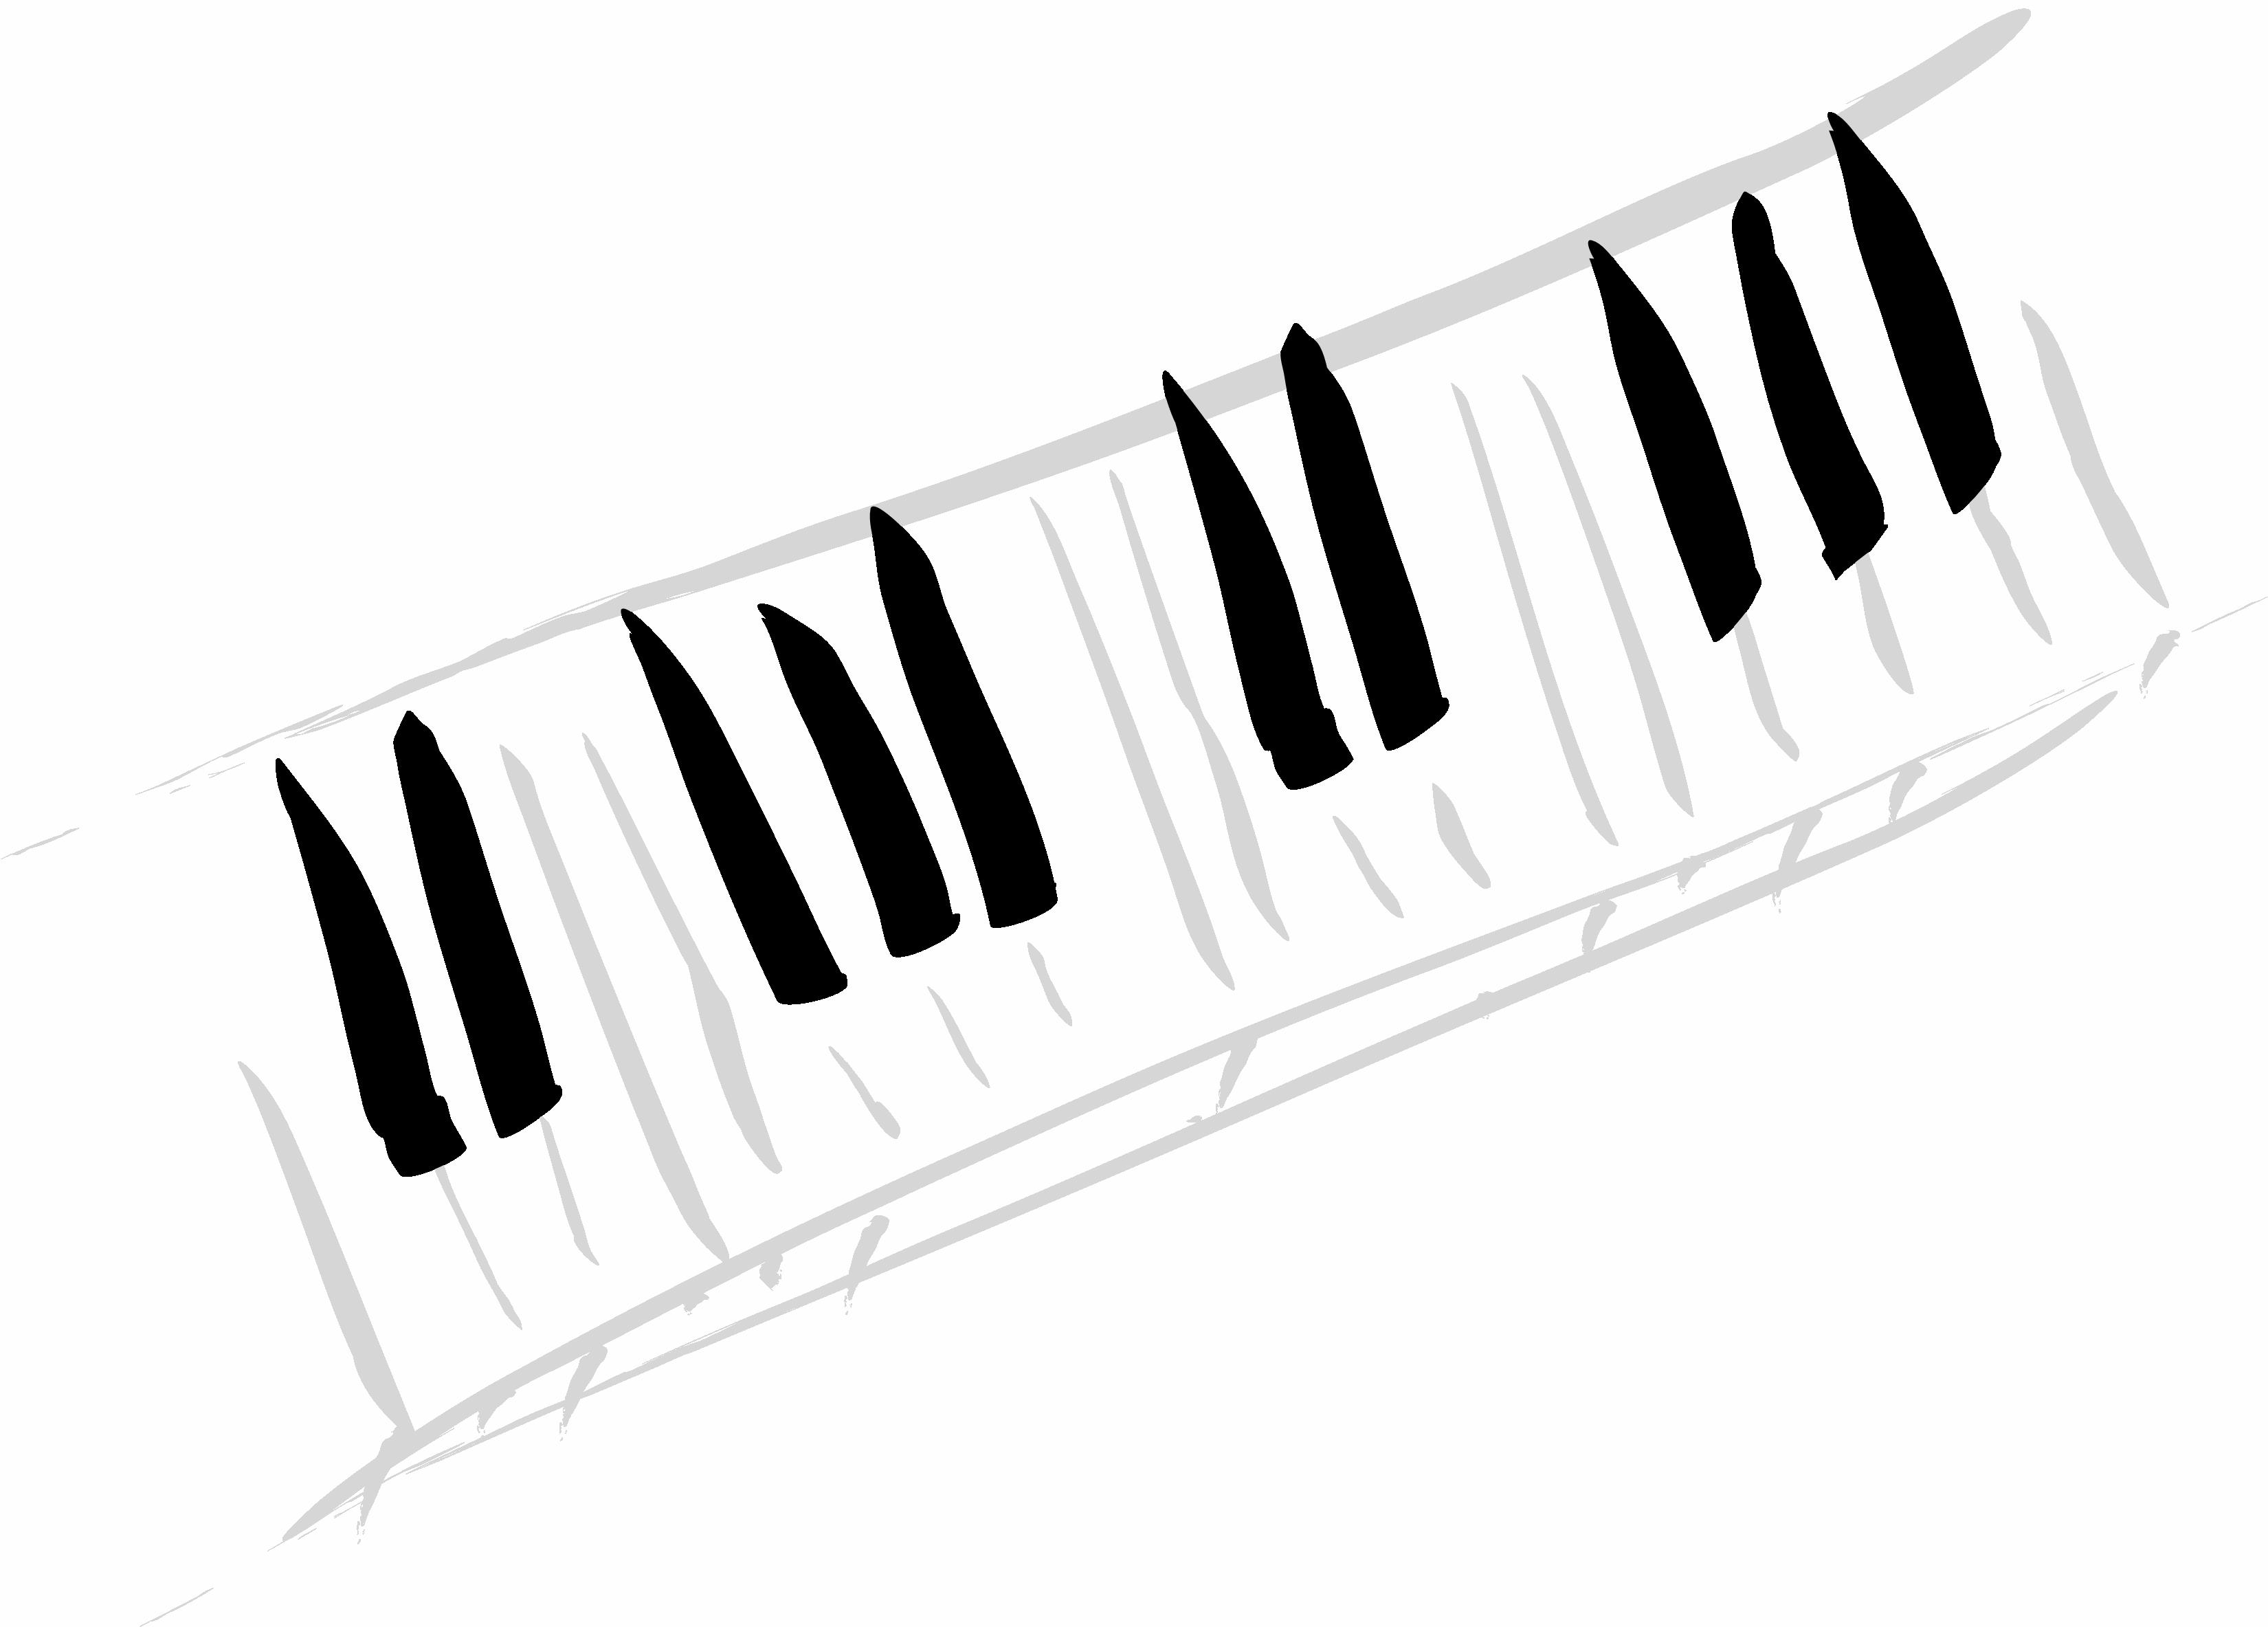 Clipart piano piano bar, Picture #628195 clipart piano piano bar.